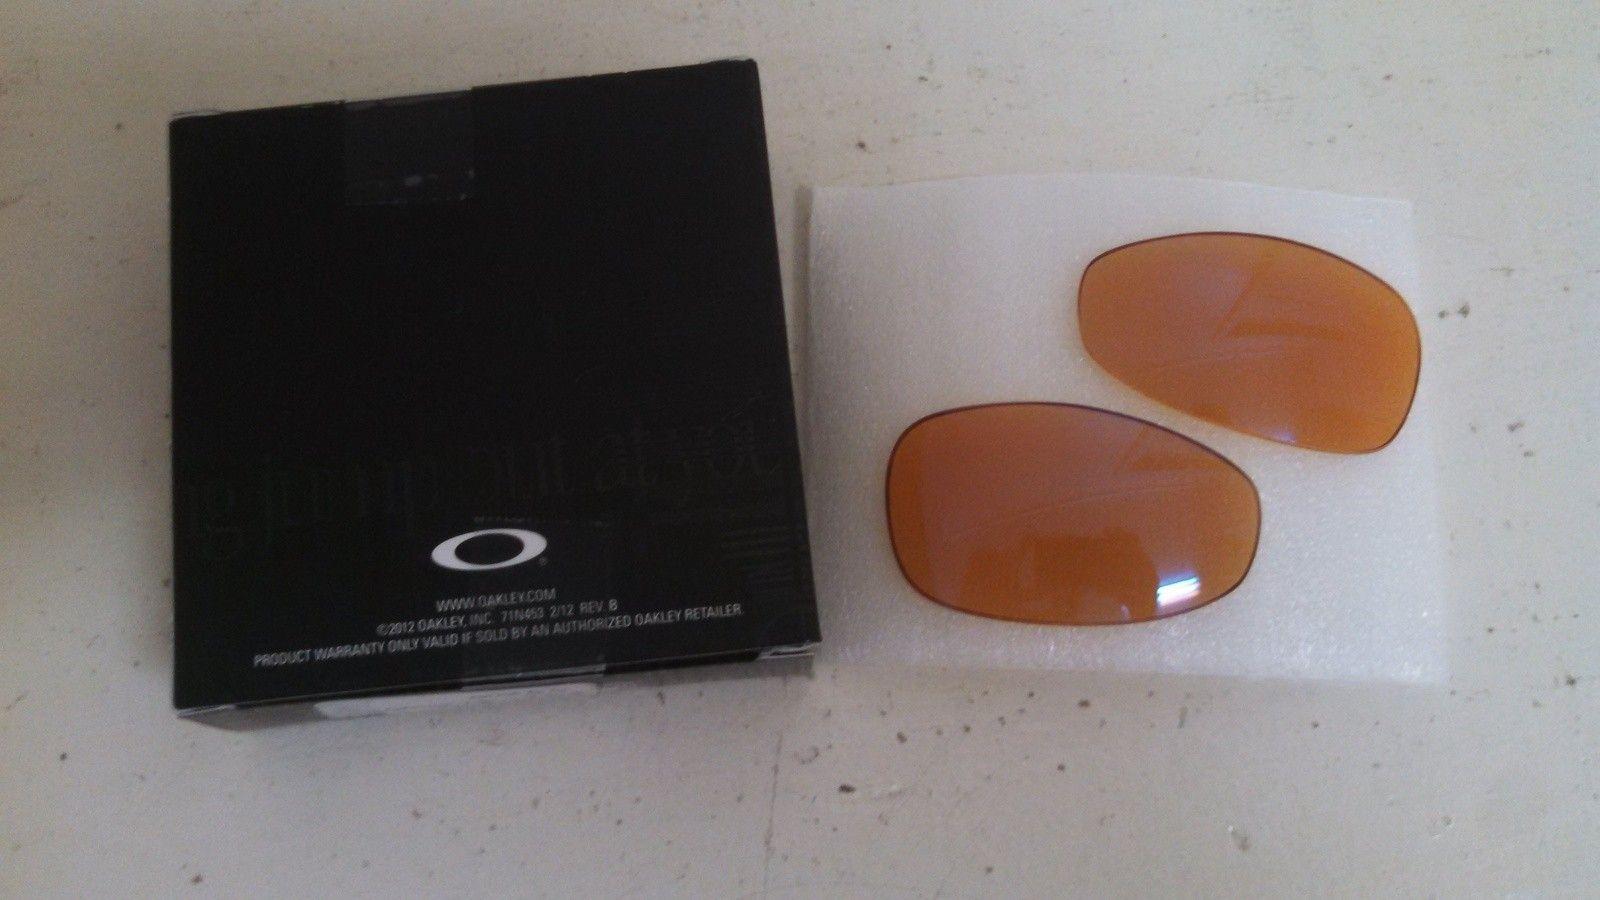 Custom Cut Juliet P42 Iridium Lenses $70 - IMG_20150817_203141_326.jpg